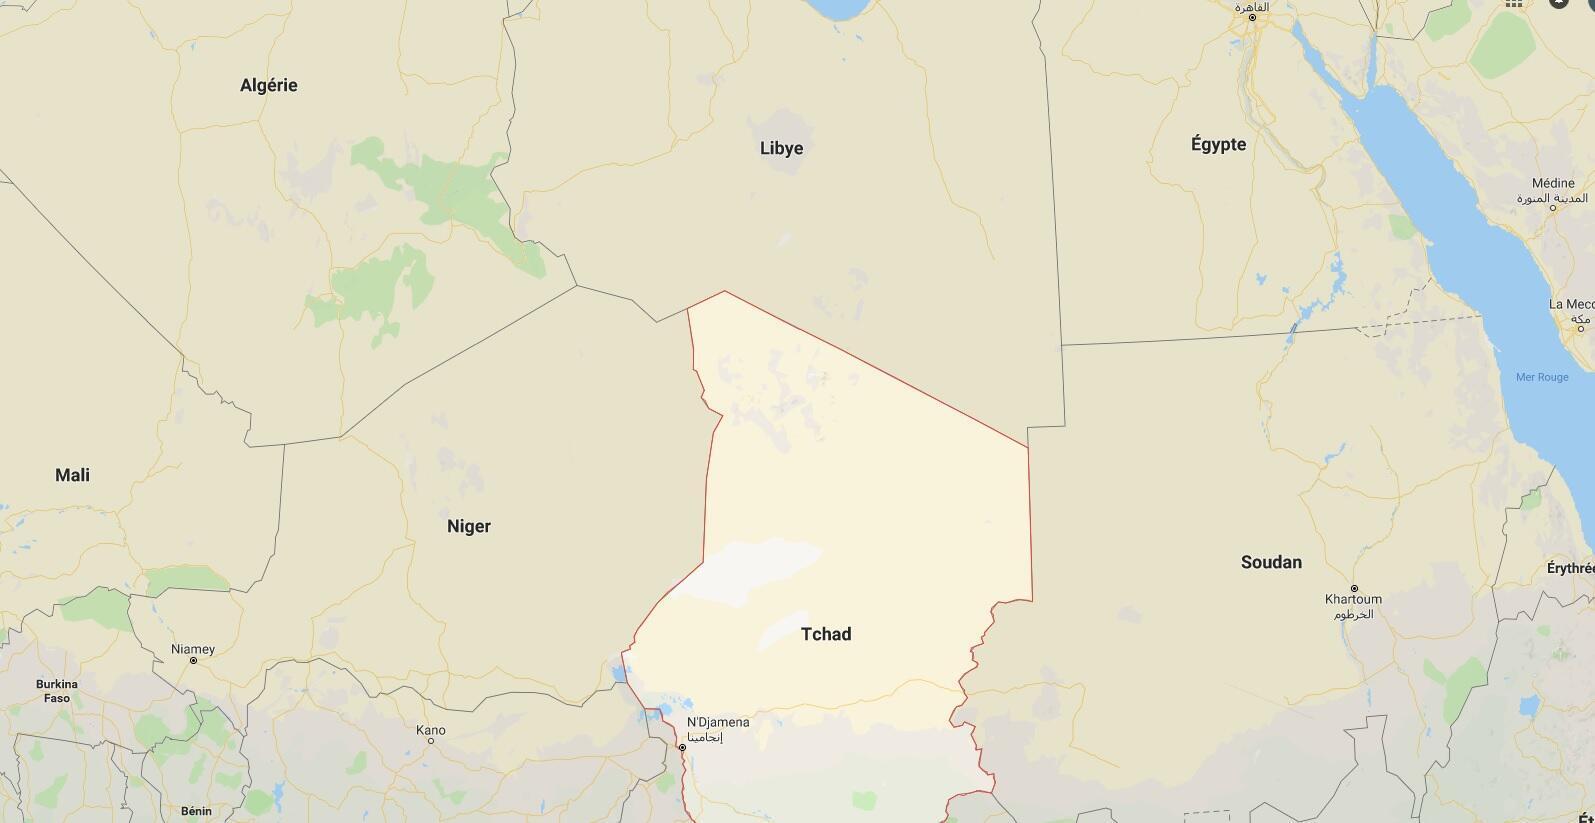 Le Tchad occupe, géographiquement, une place centrale stratégique dans une région troublée et mouvante.